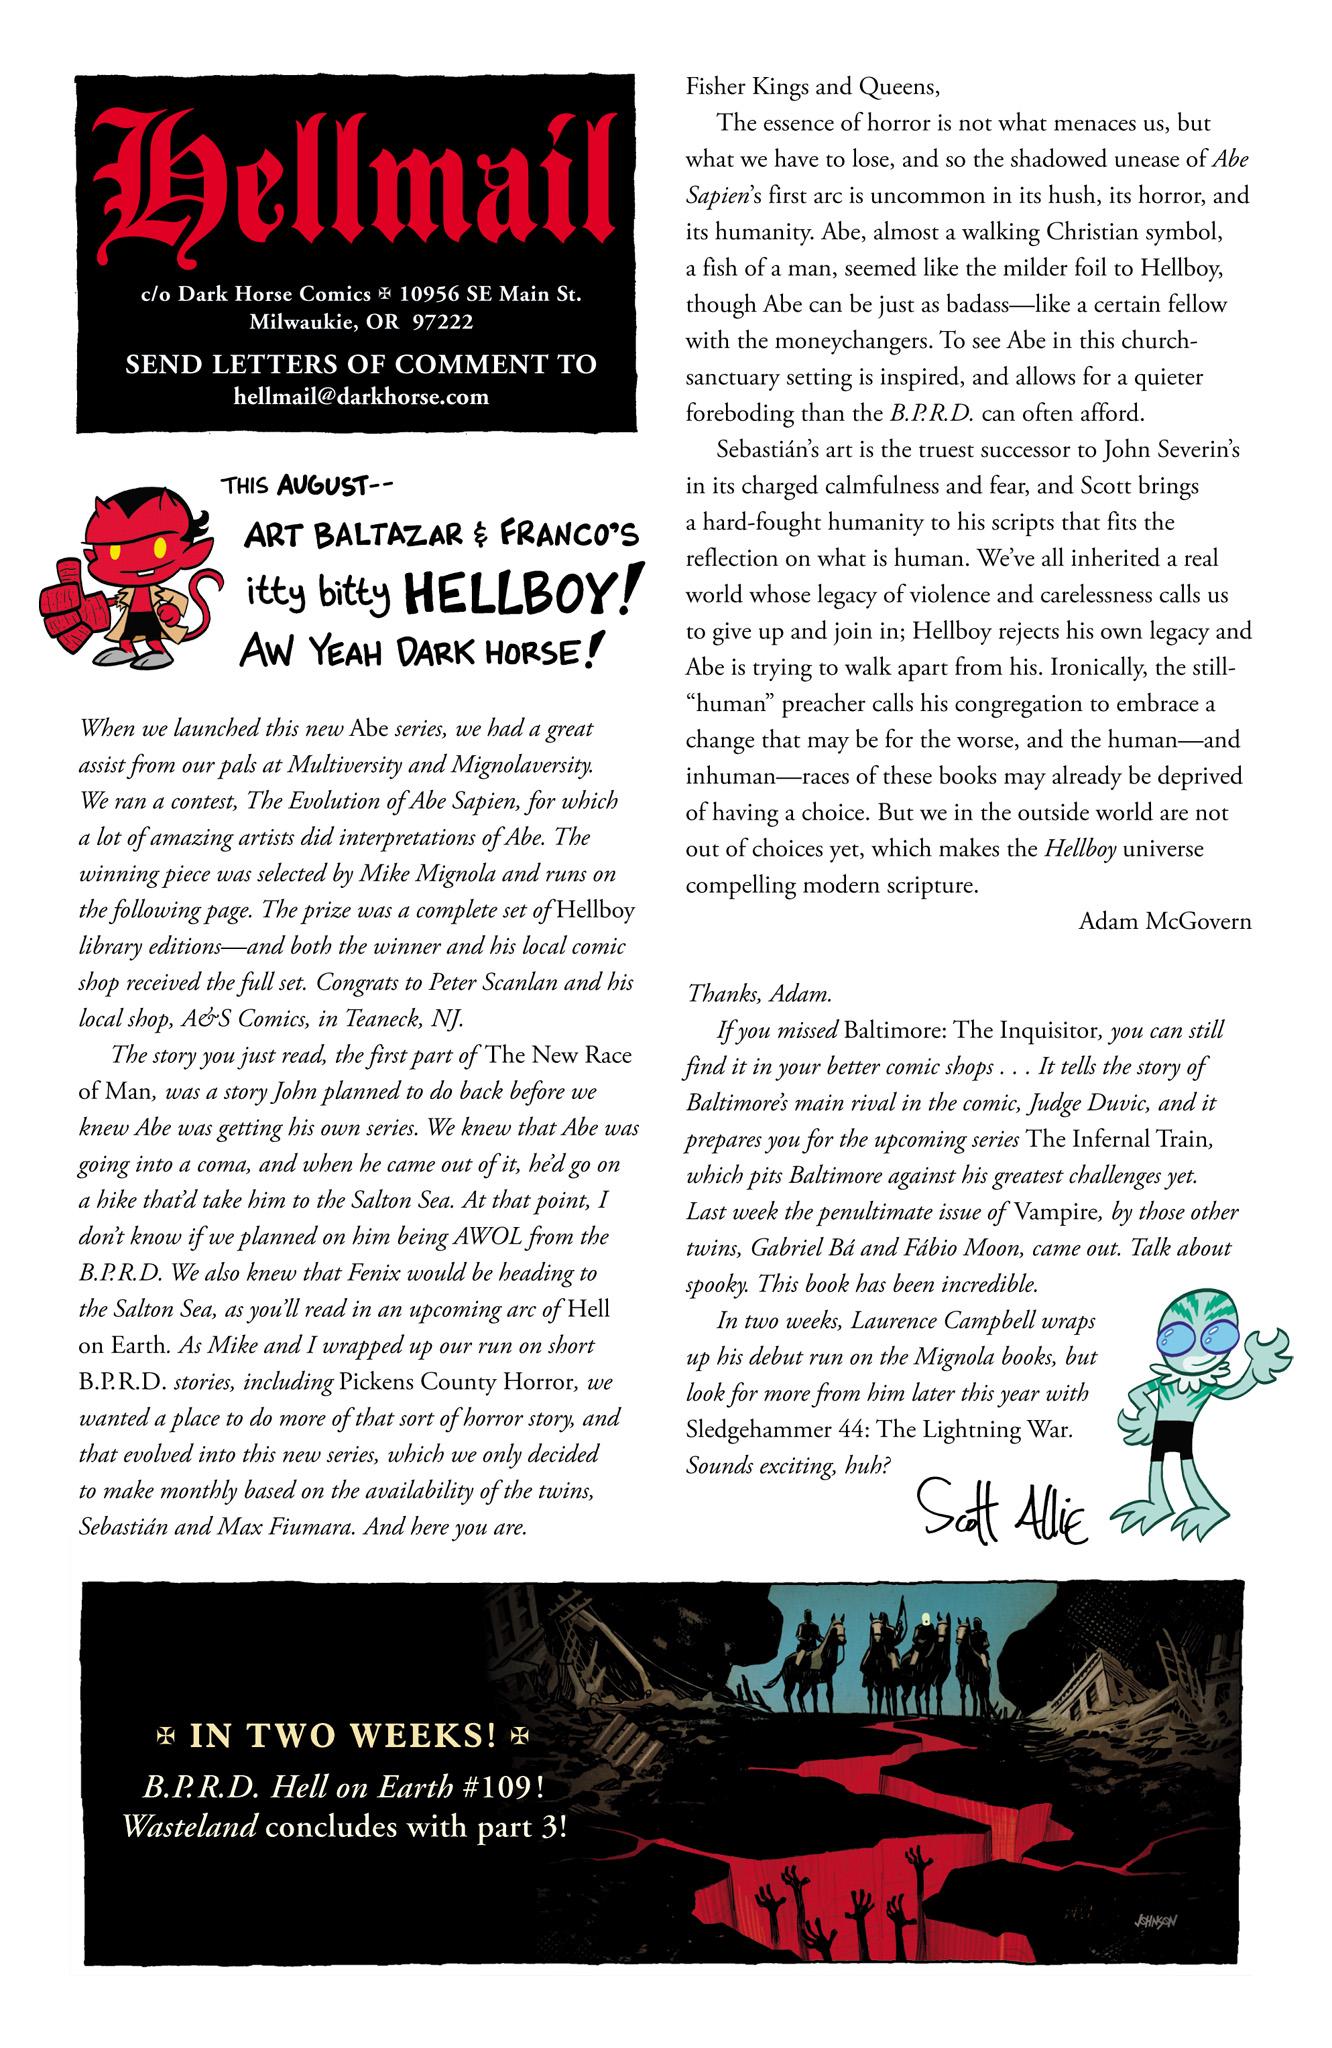 Read online Abe Sapien comic -  Issue #4 - 25